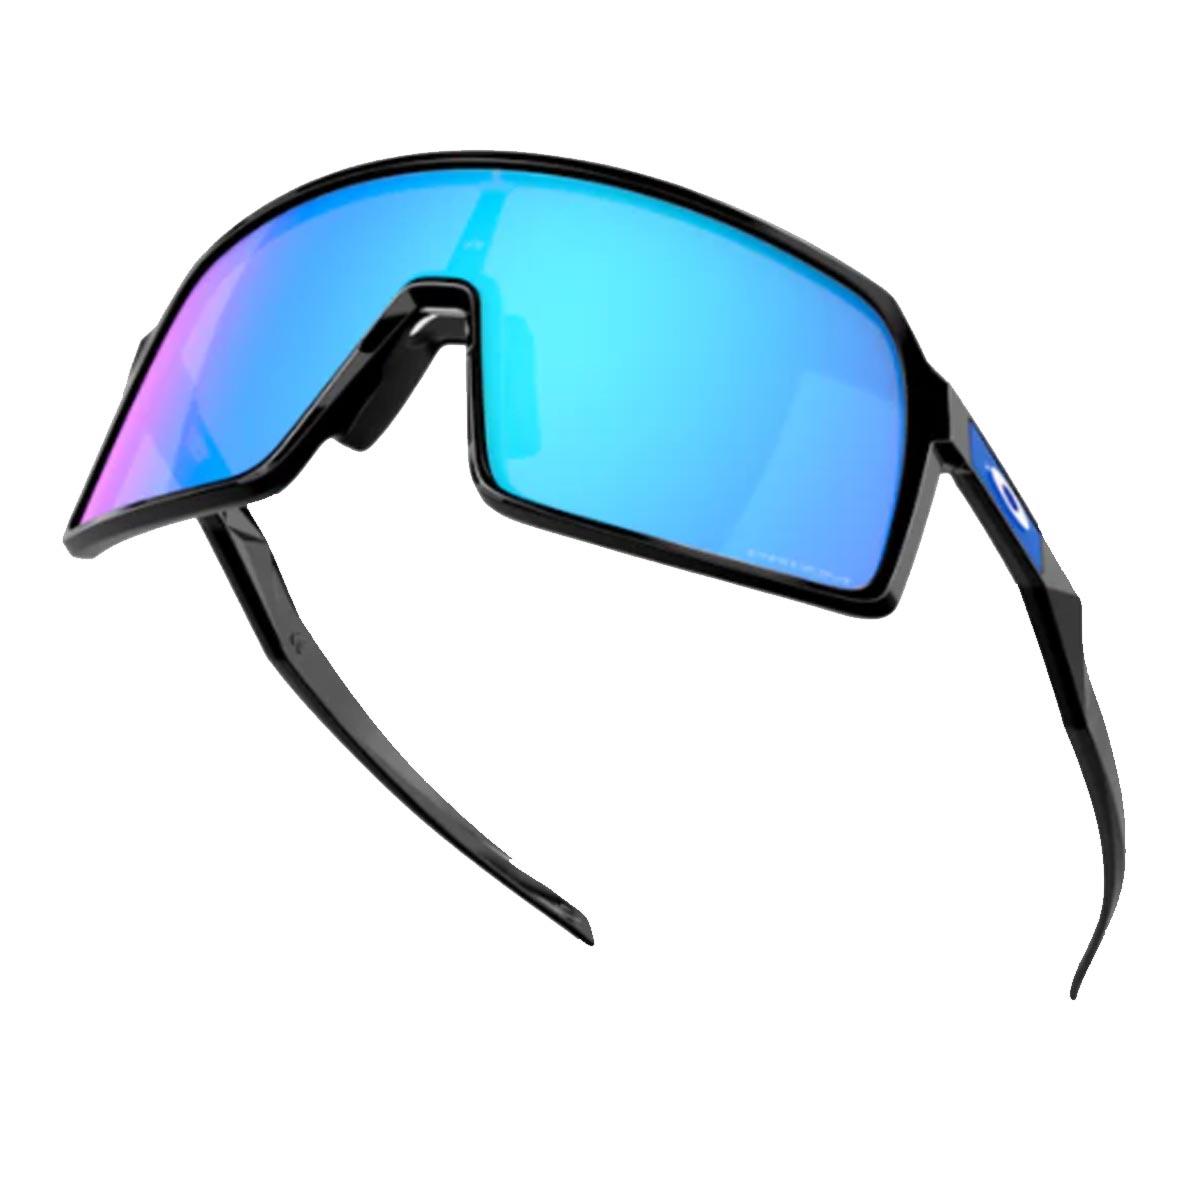 Oculos Para Ciclismo Oakley Sutro Preto com Lente Prizm Sapphire Espelhada Azul